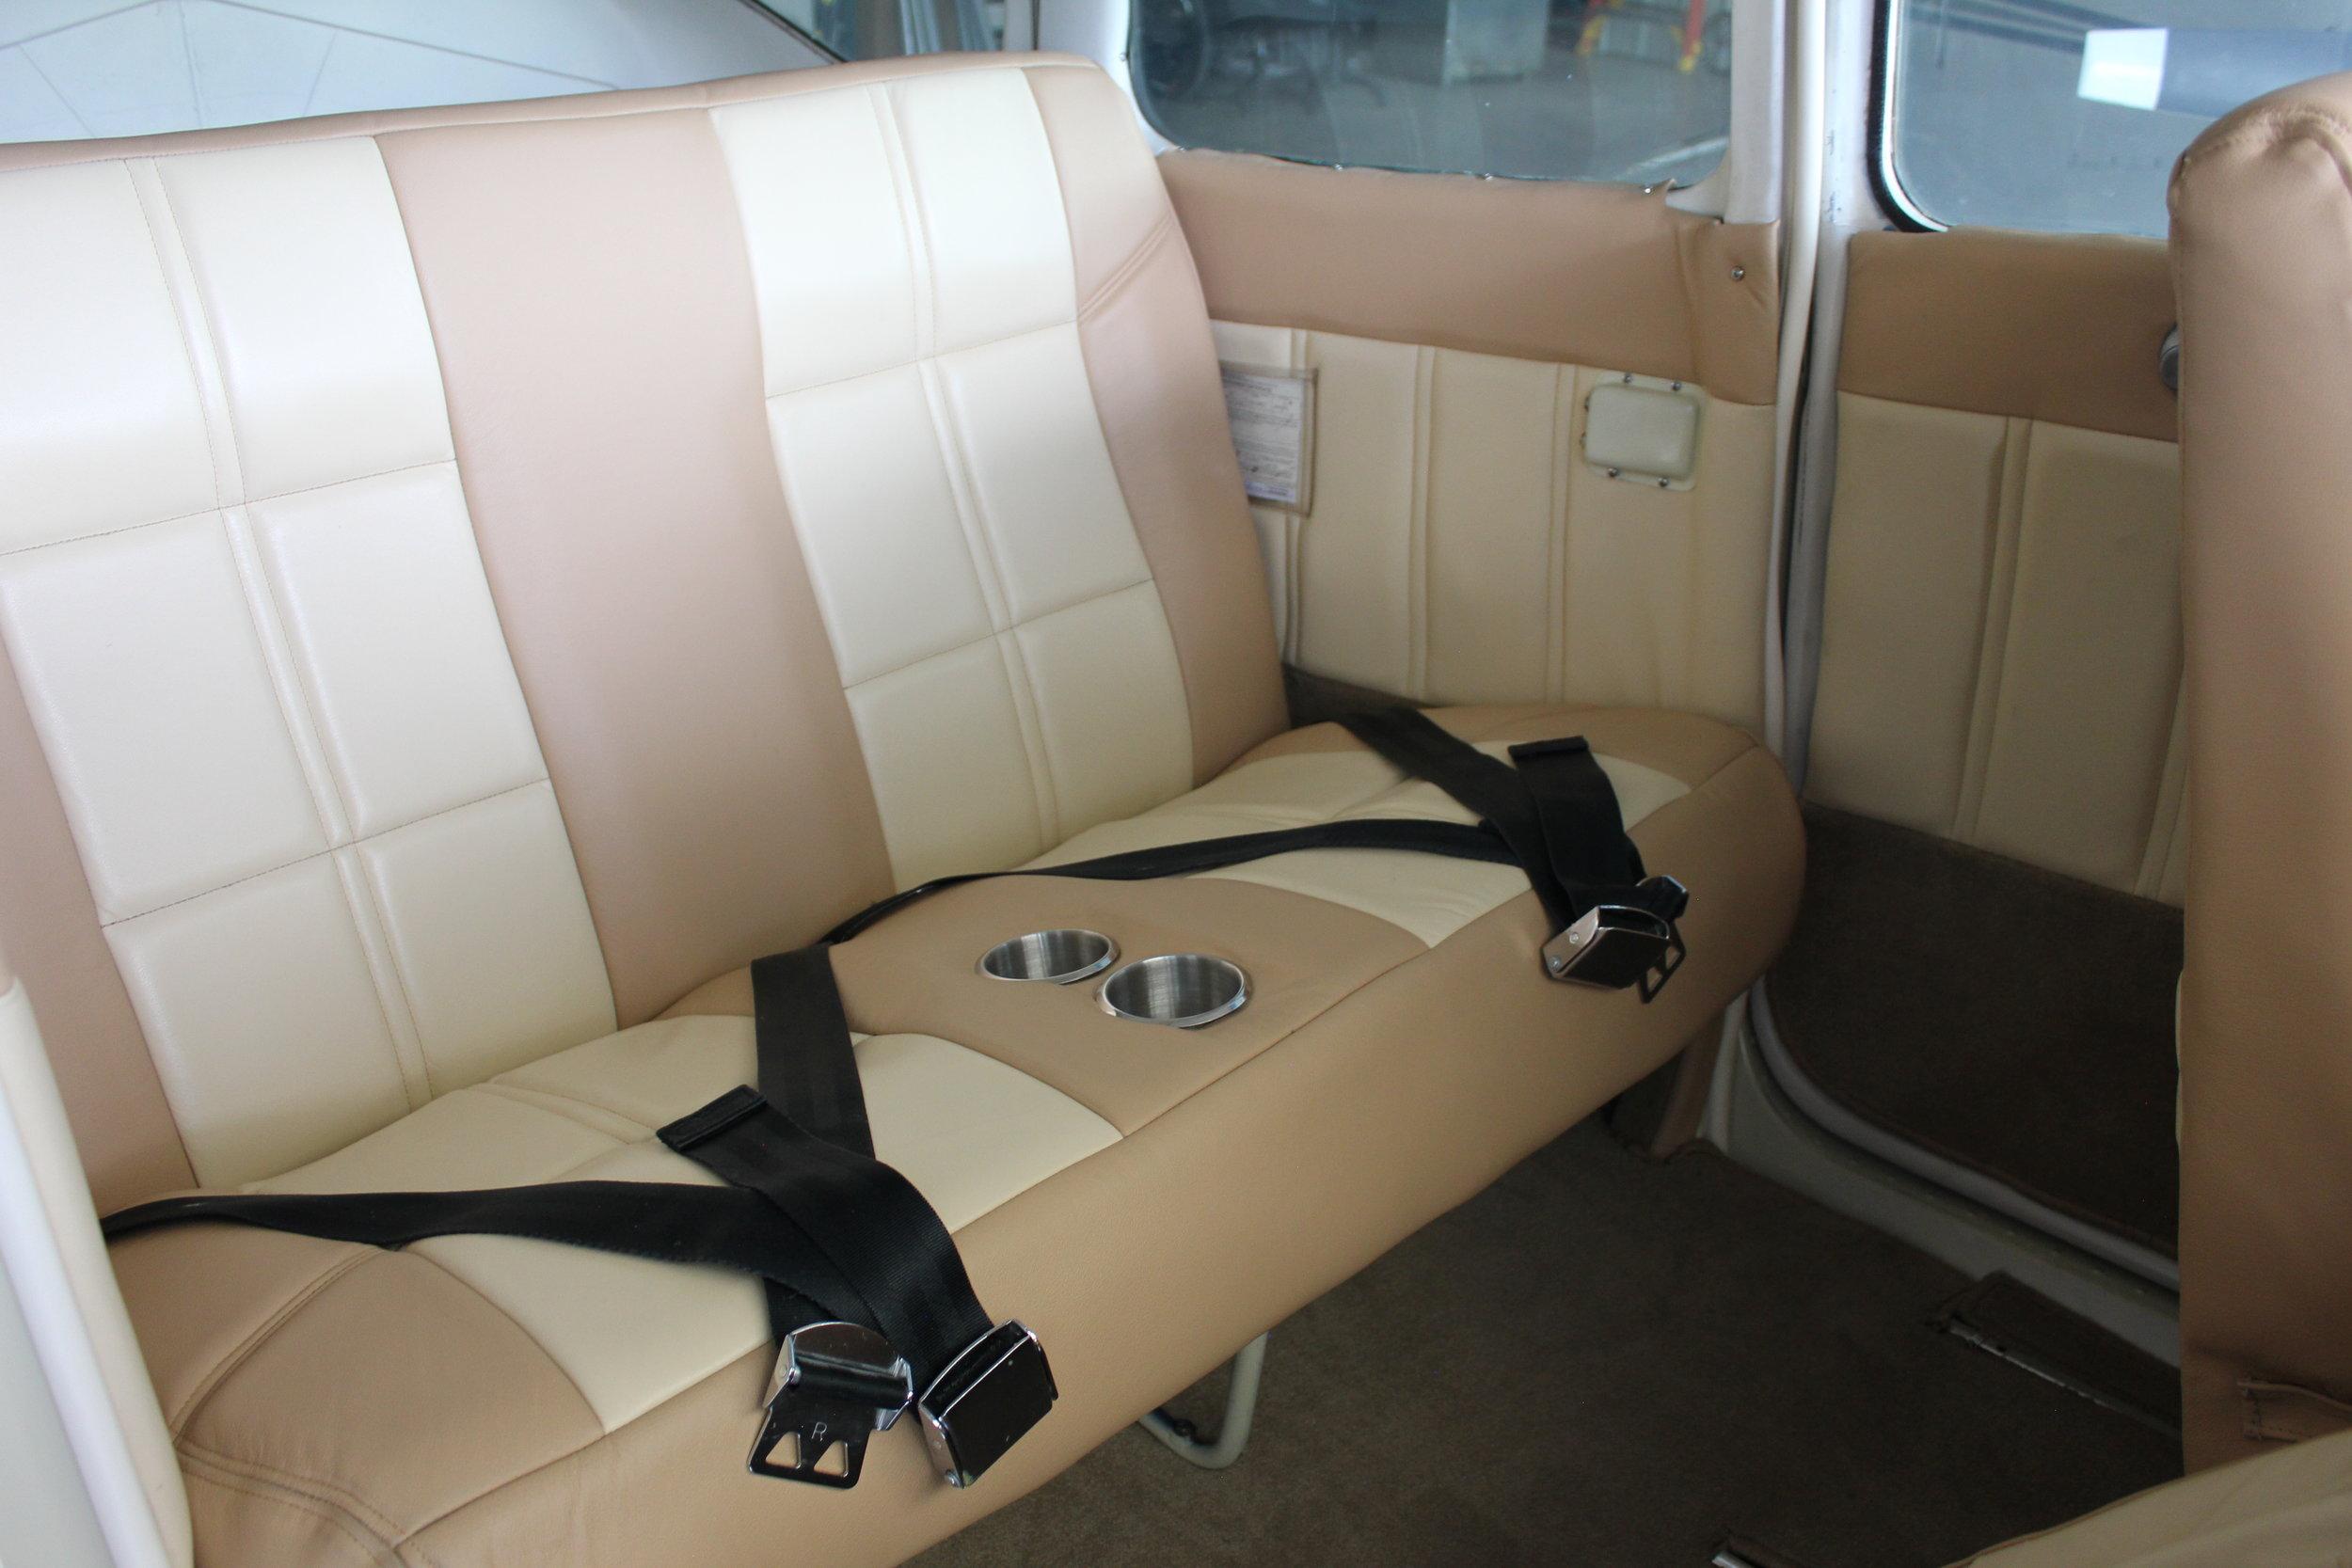 Backseat_new.JPG